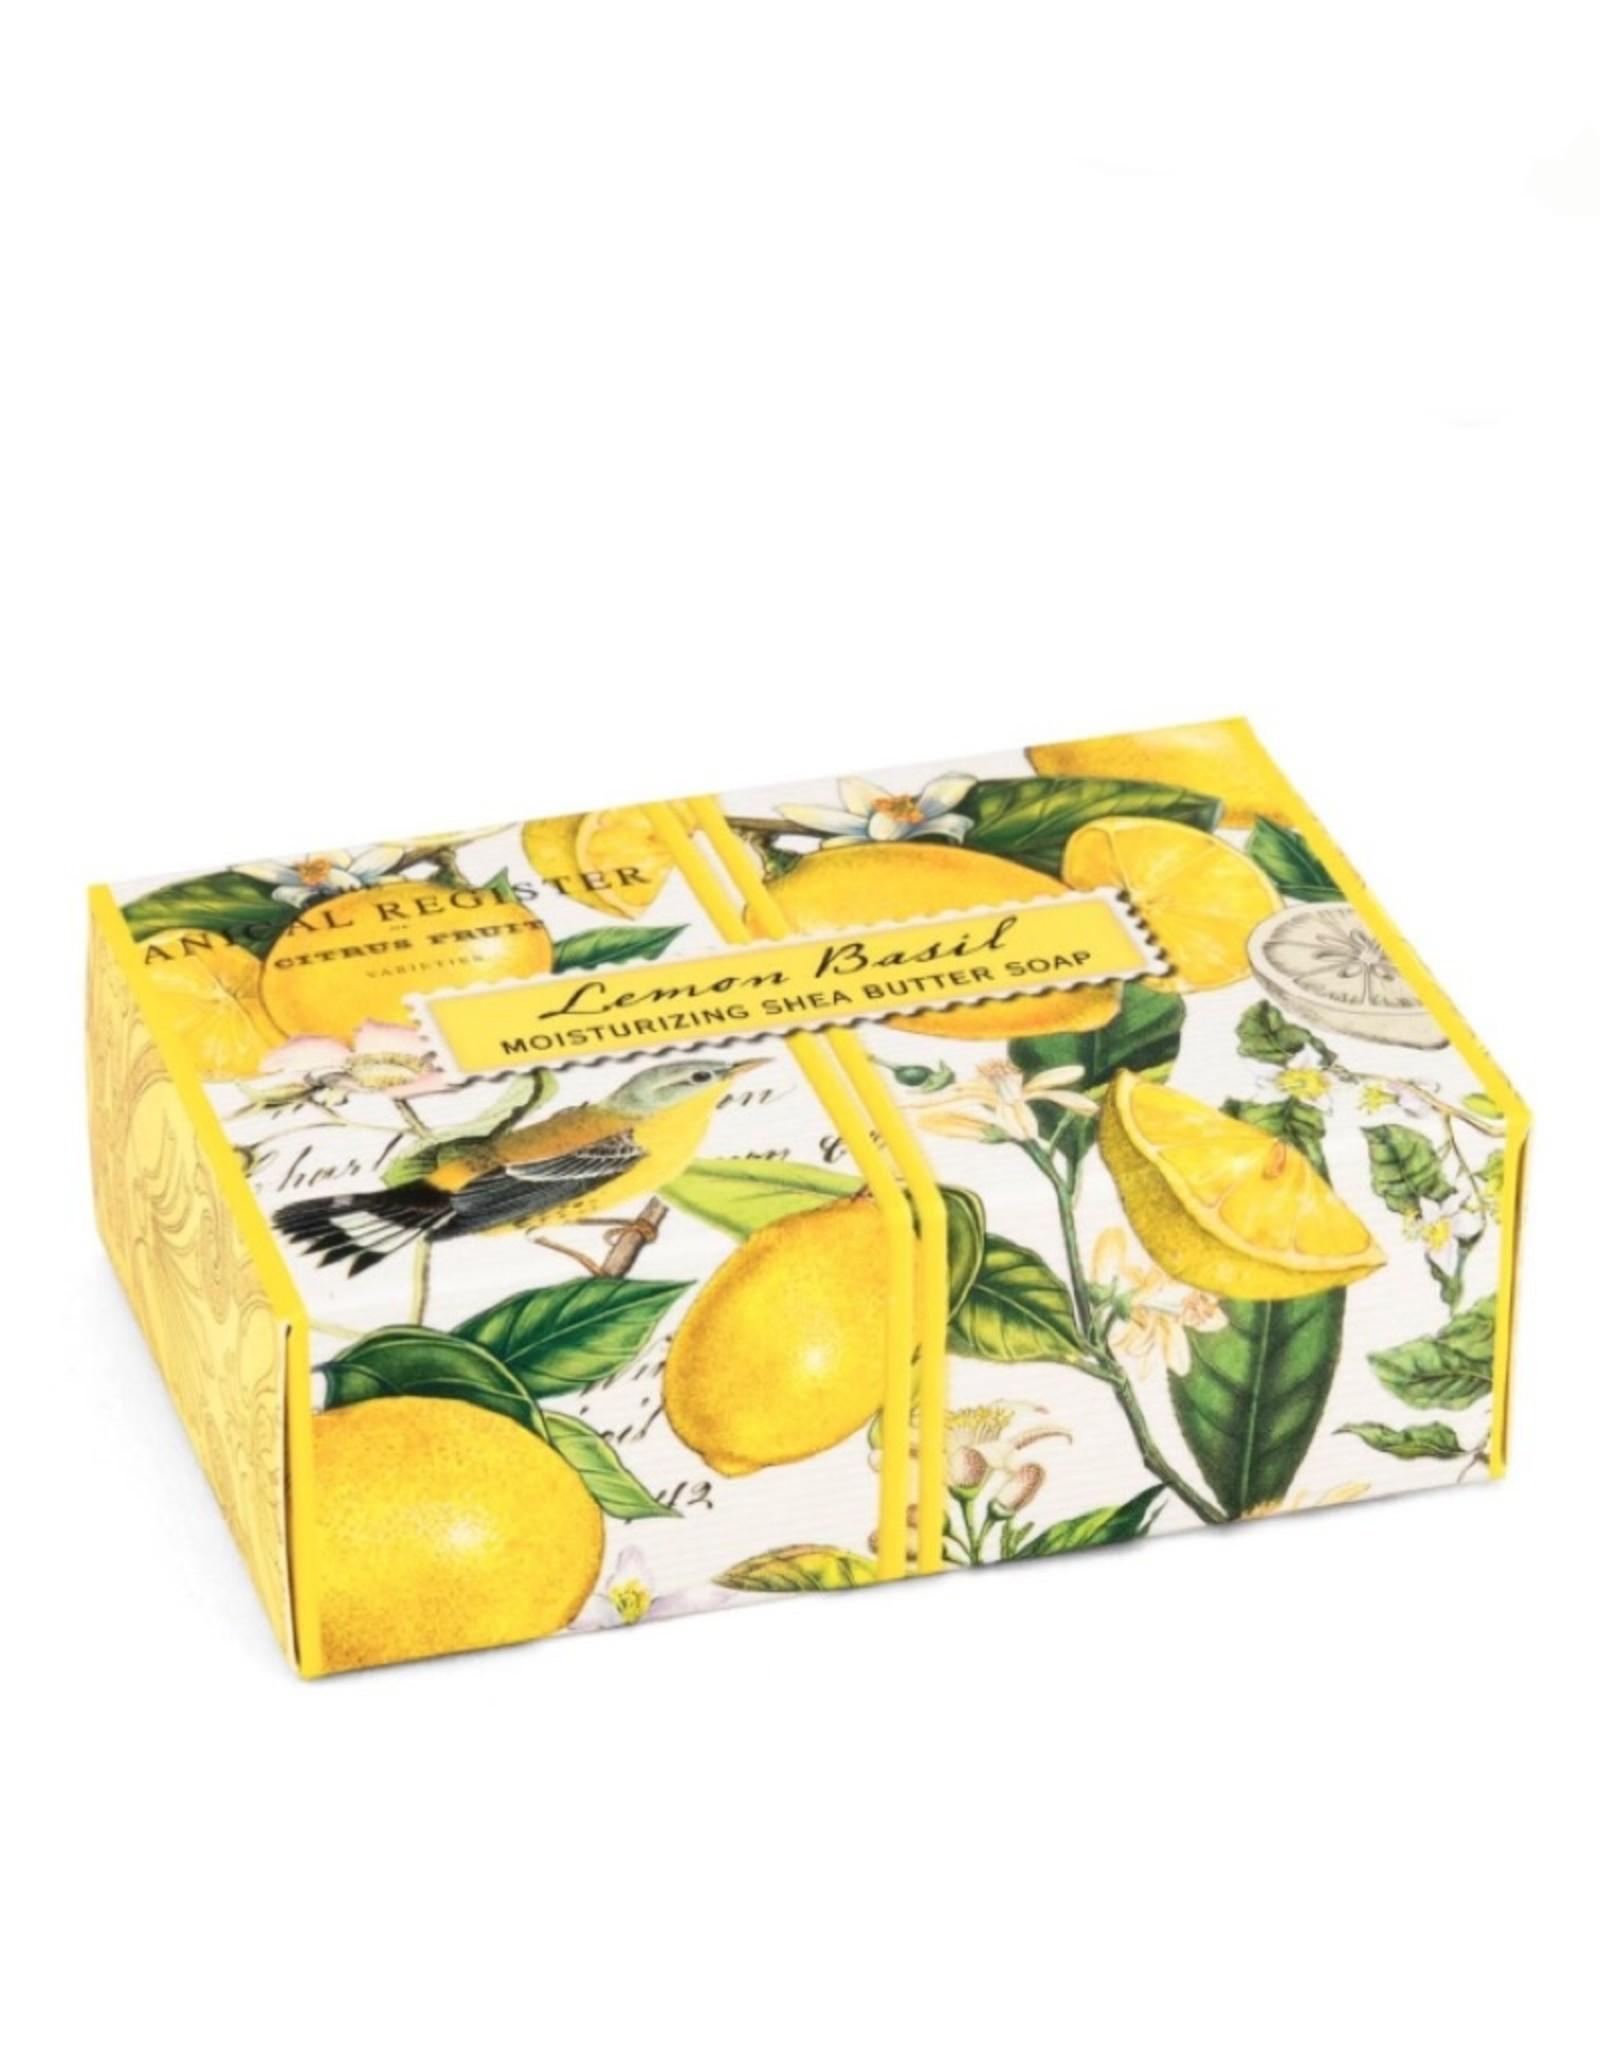 SOAX8 Lemon Basil Boxed Soap 4.5oz